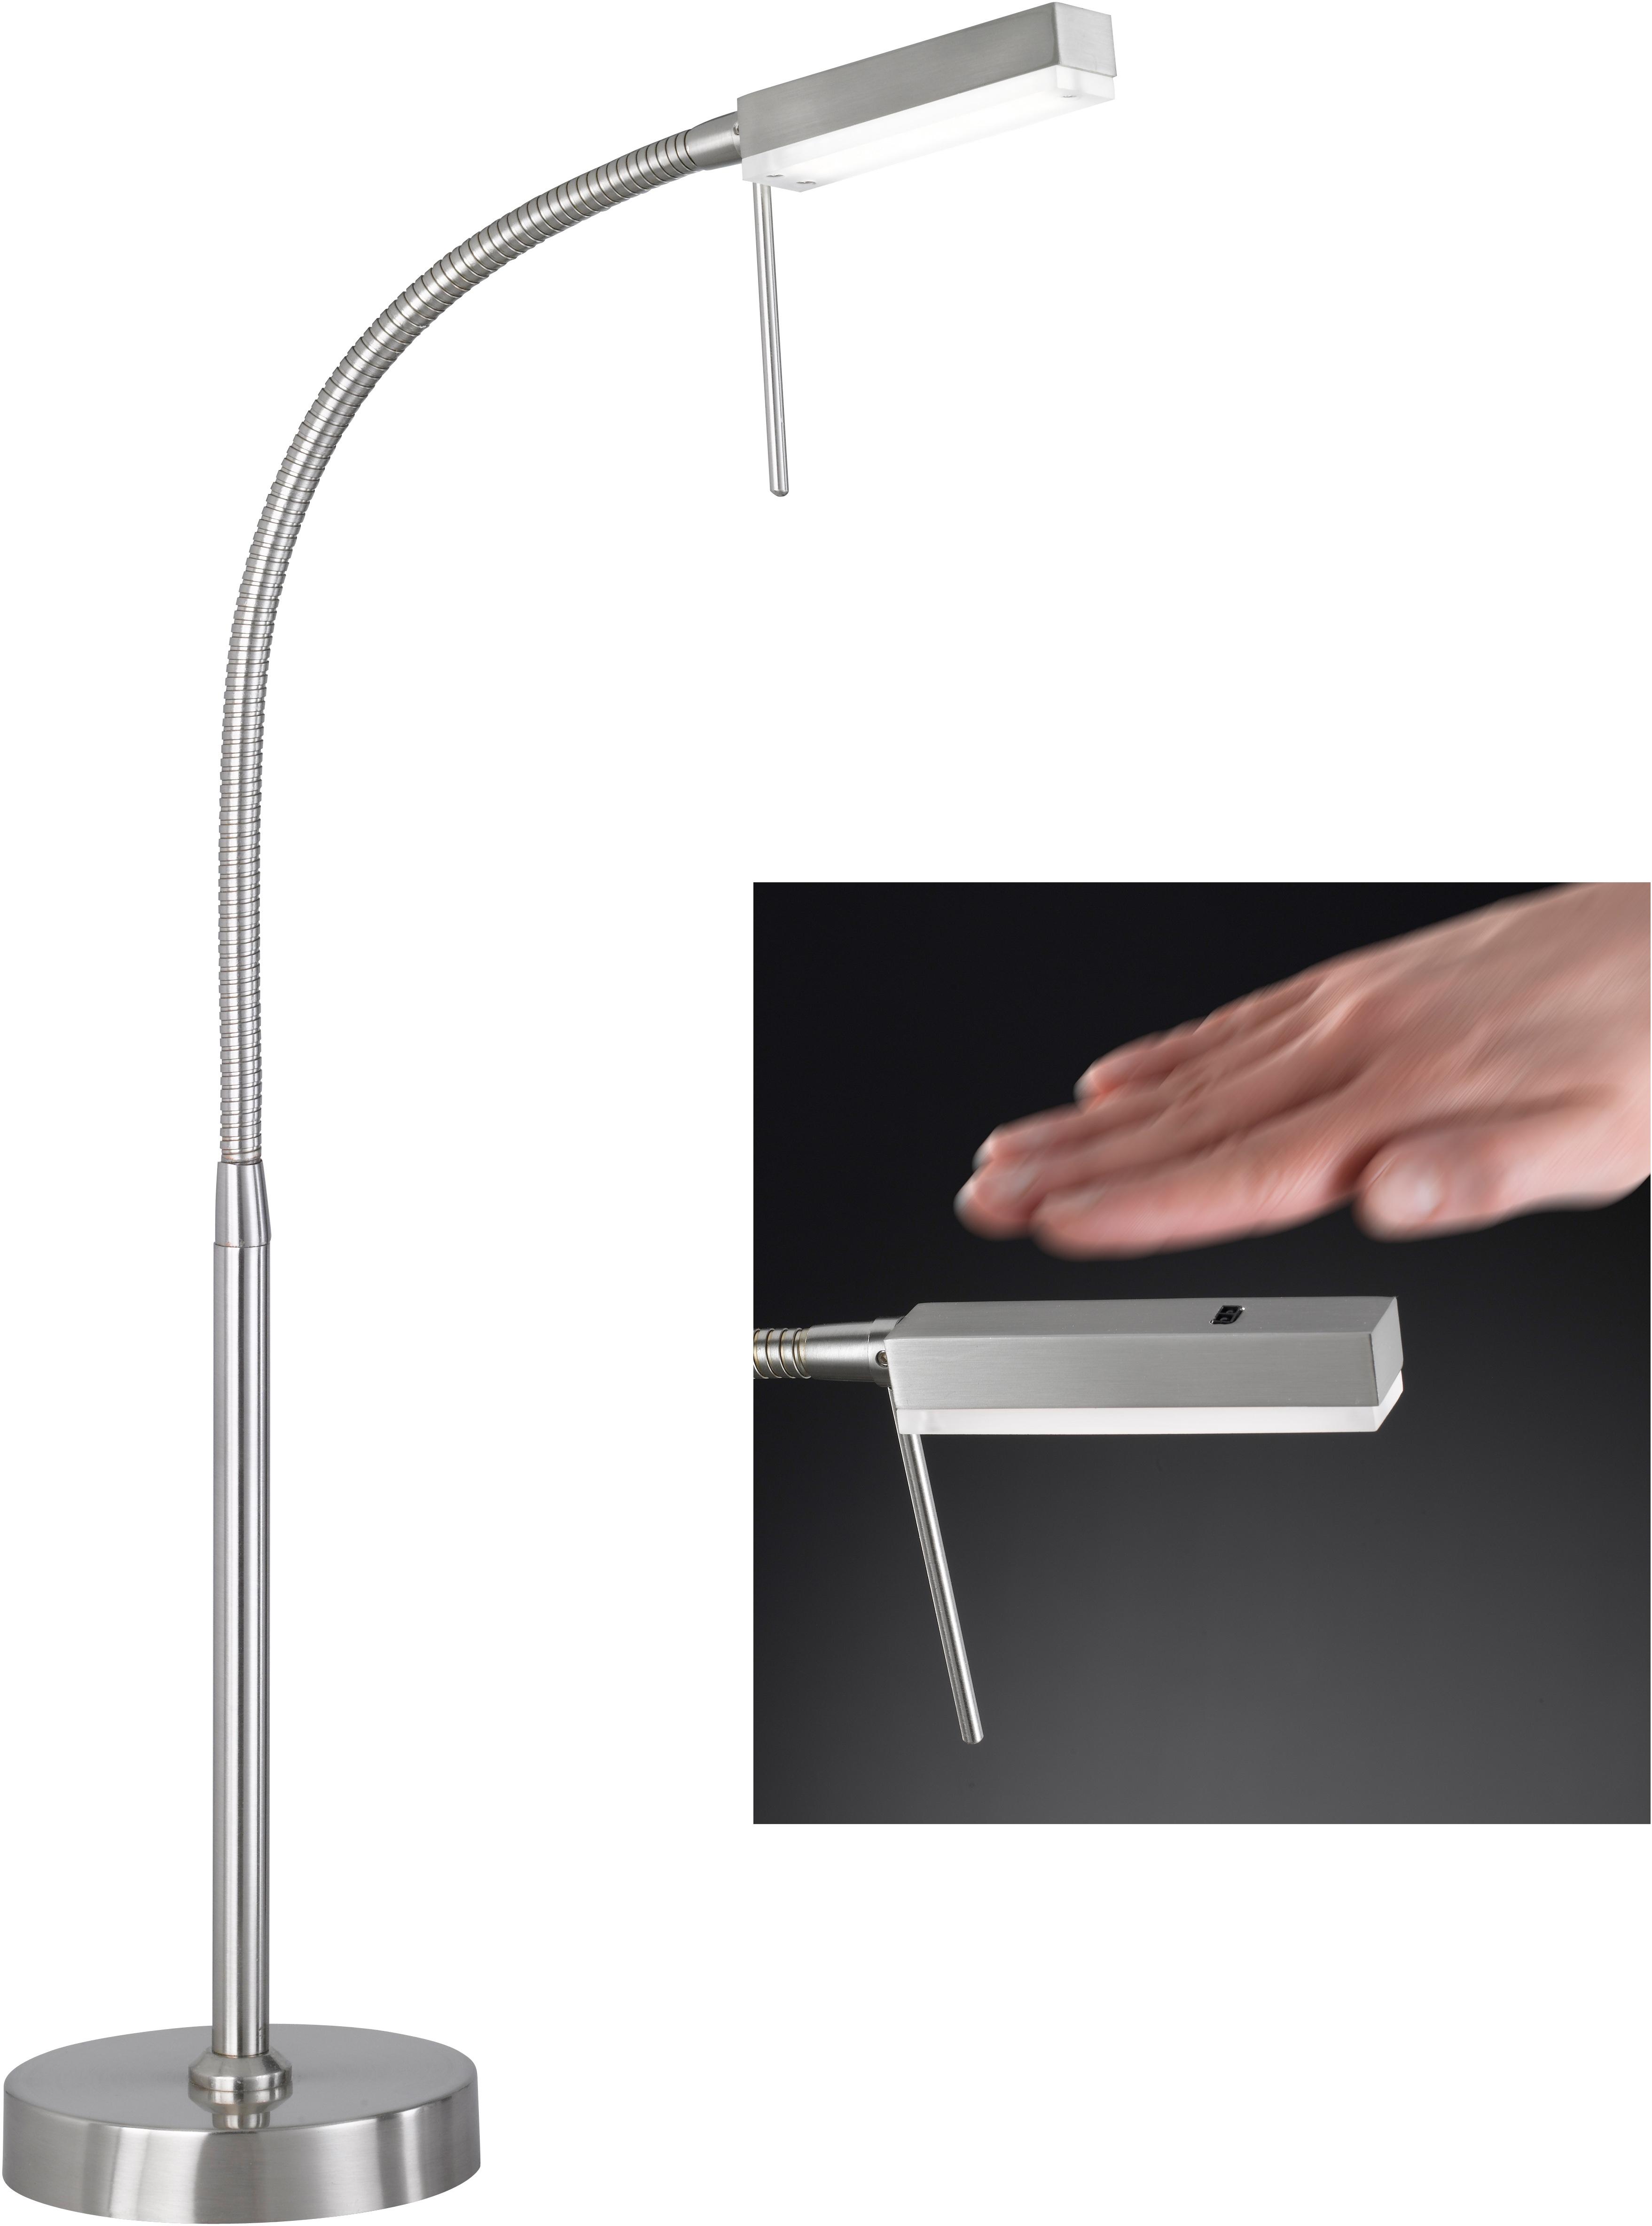 FISCHER & HONSEL LED Tischleuchte Raik, LED-Modul, Warmweiß